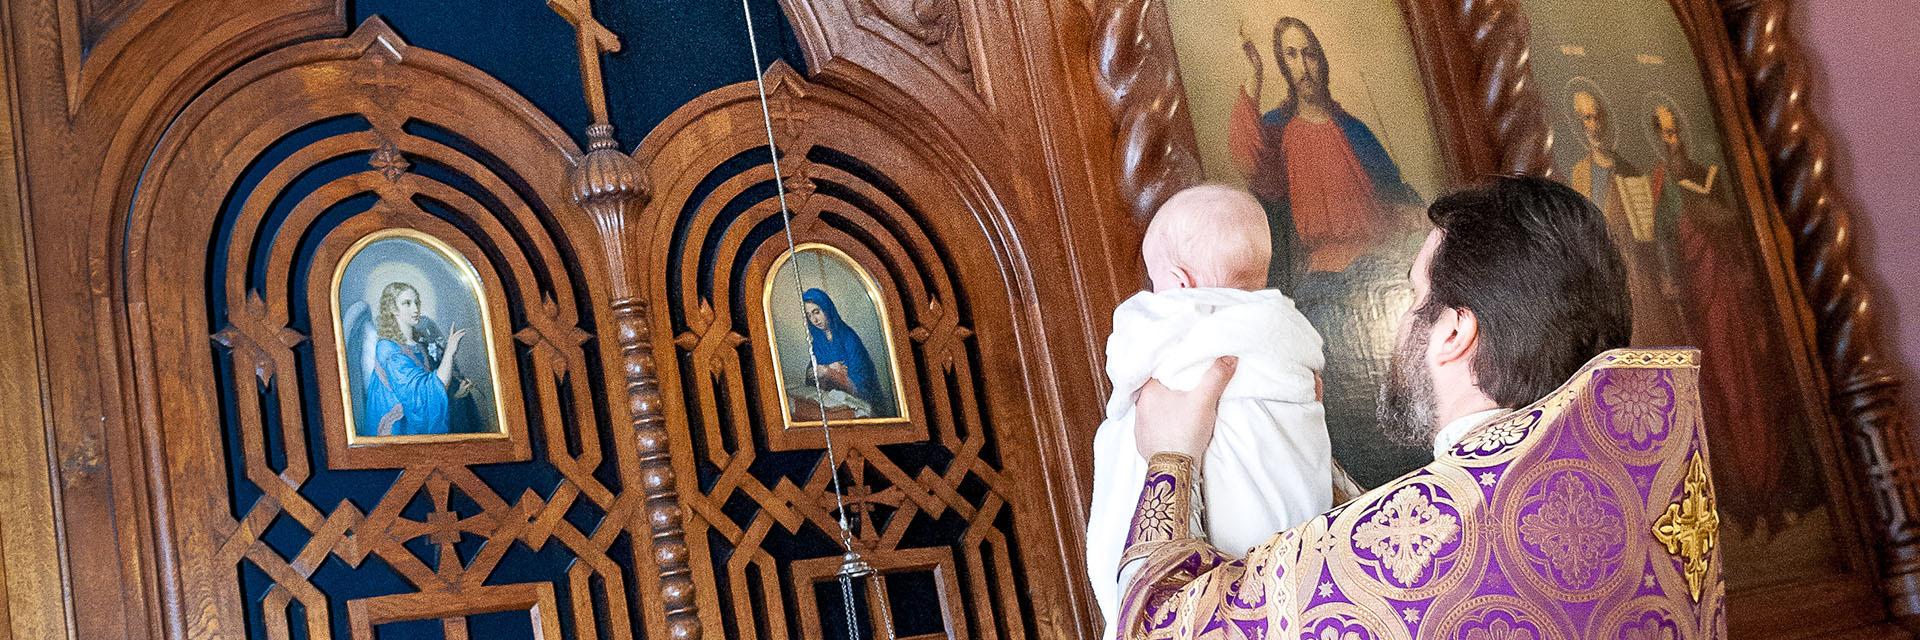 křtiny / fotograf Vojtěch Pavelčík